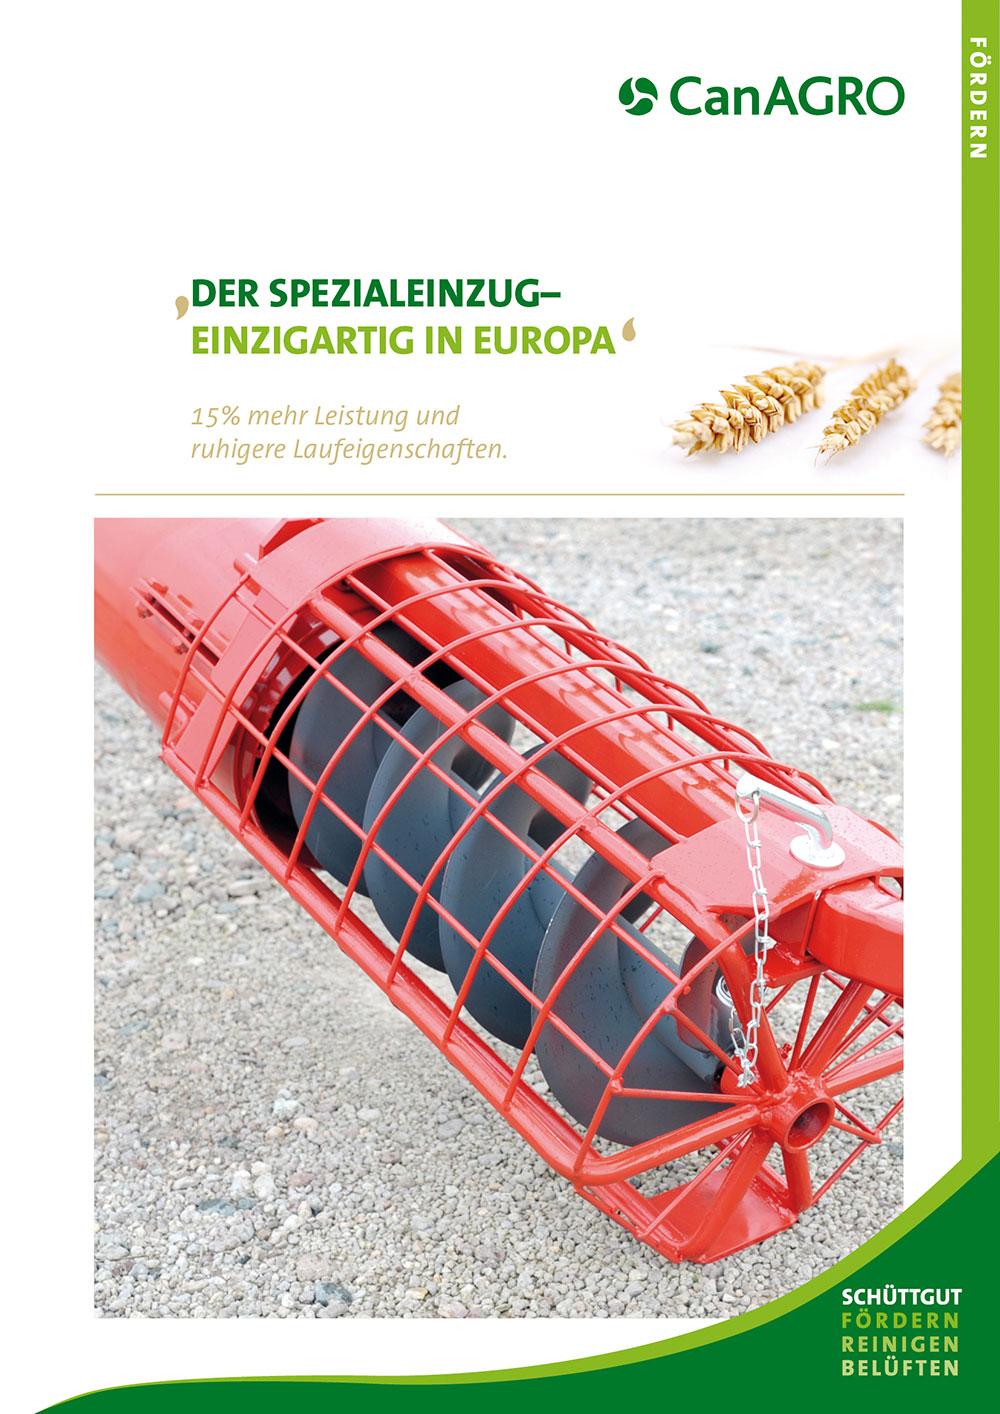 CanAGRO - PDF: Spezialeinzug